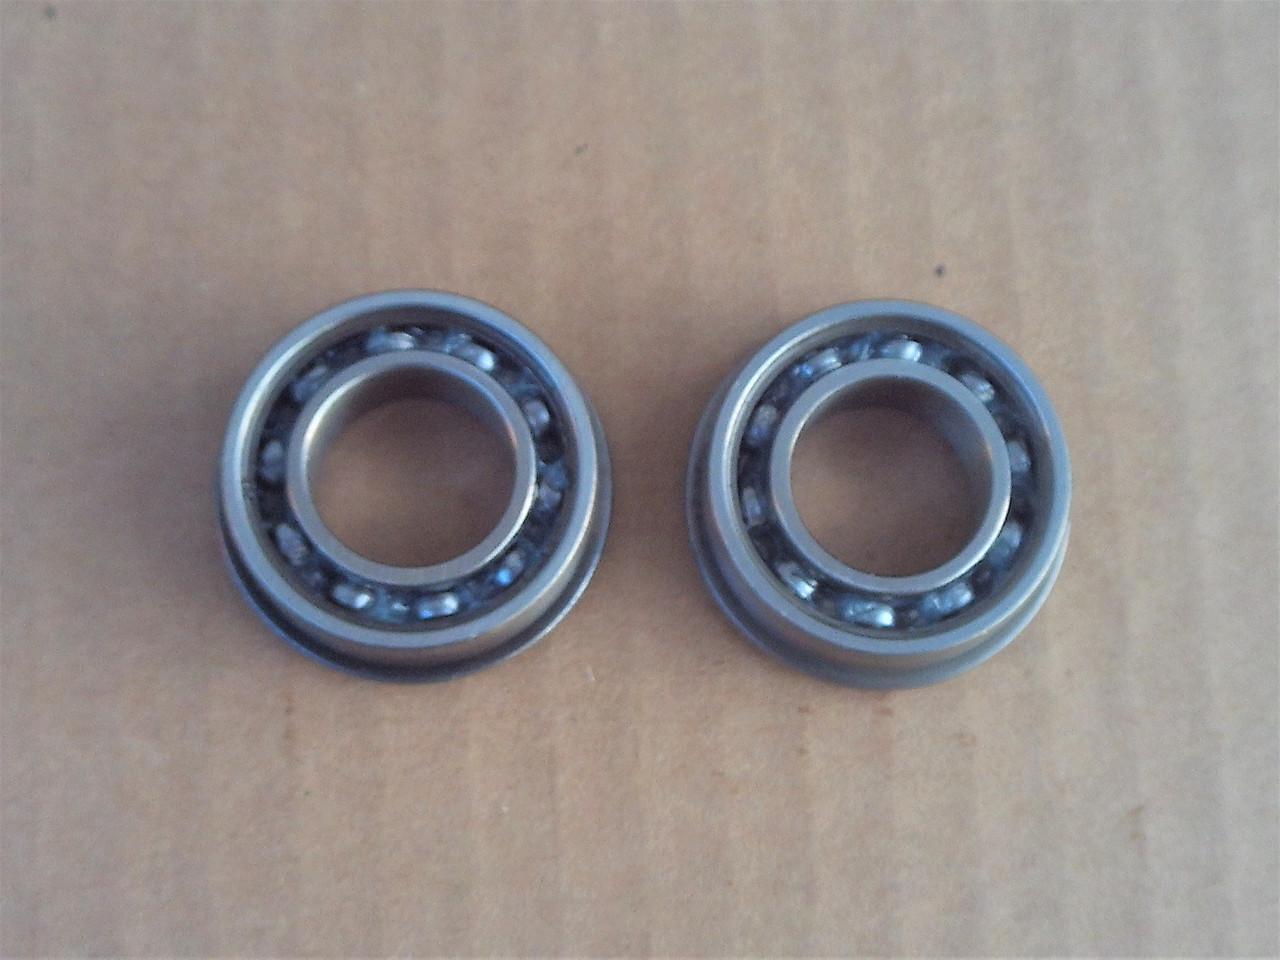 4 Pack Wheel Bearings Fits Snapper 1-0953 1-2390 2-6693 7028722 7028722YP